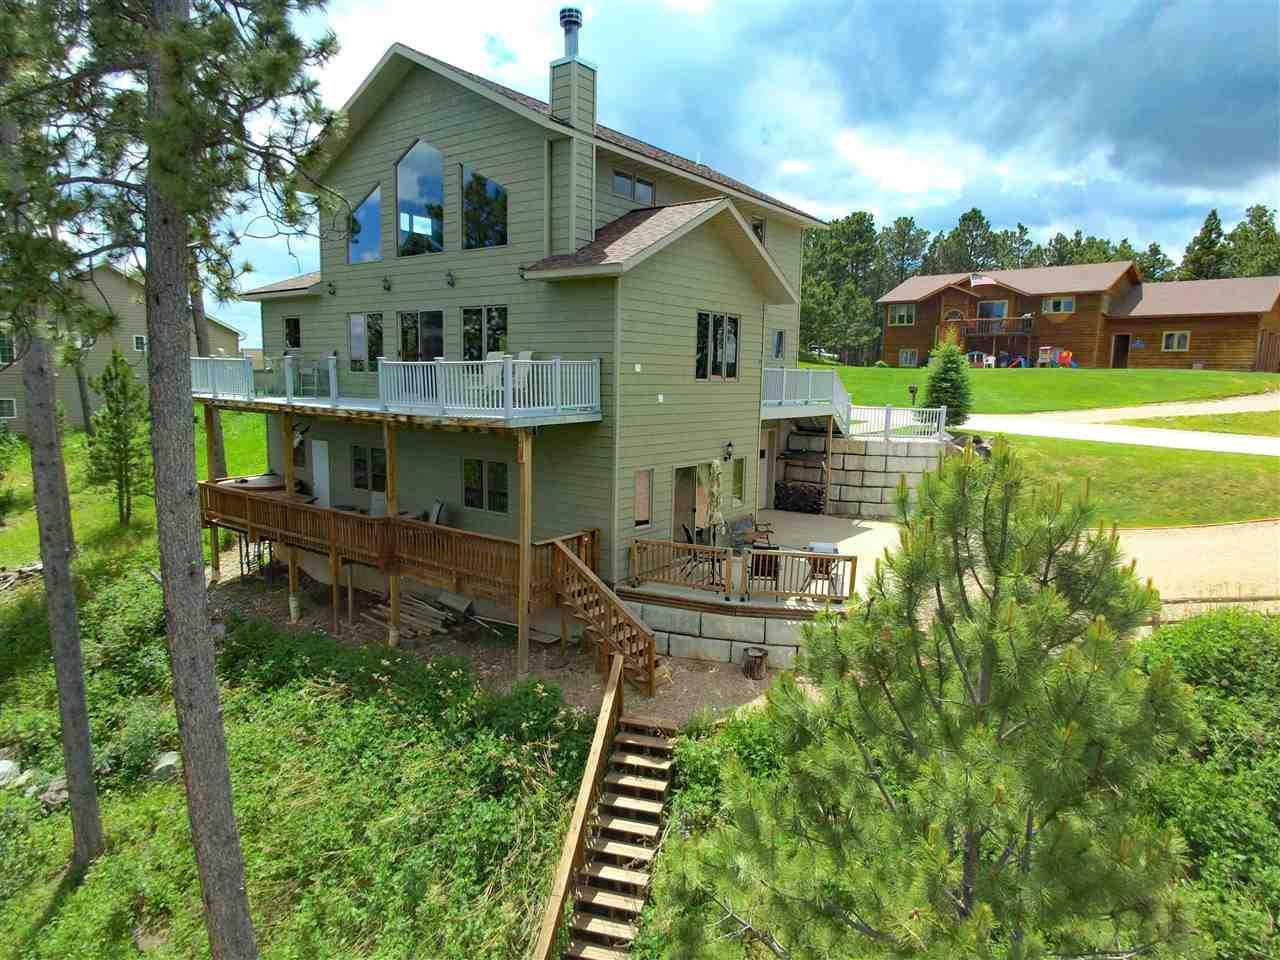 390 Grier Avenue - $369,500